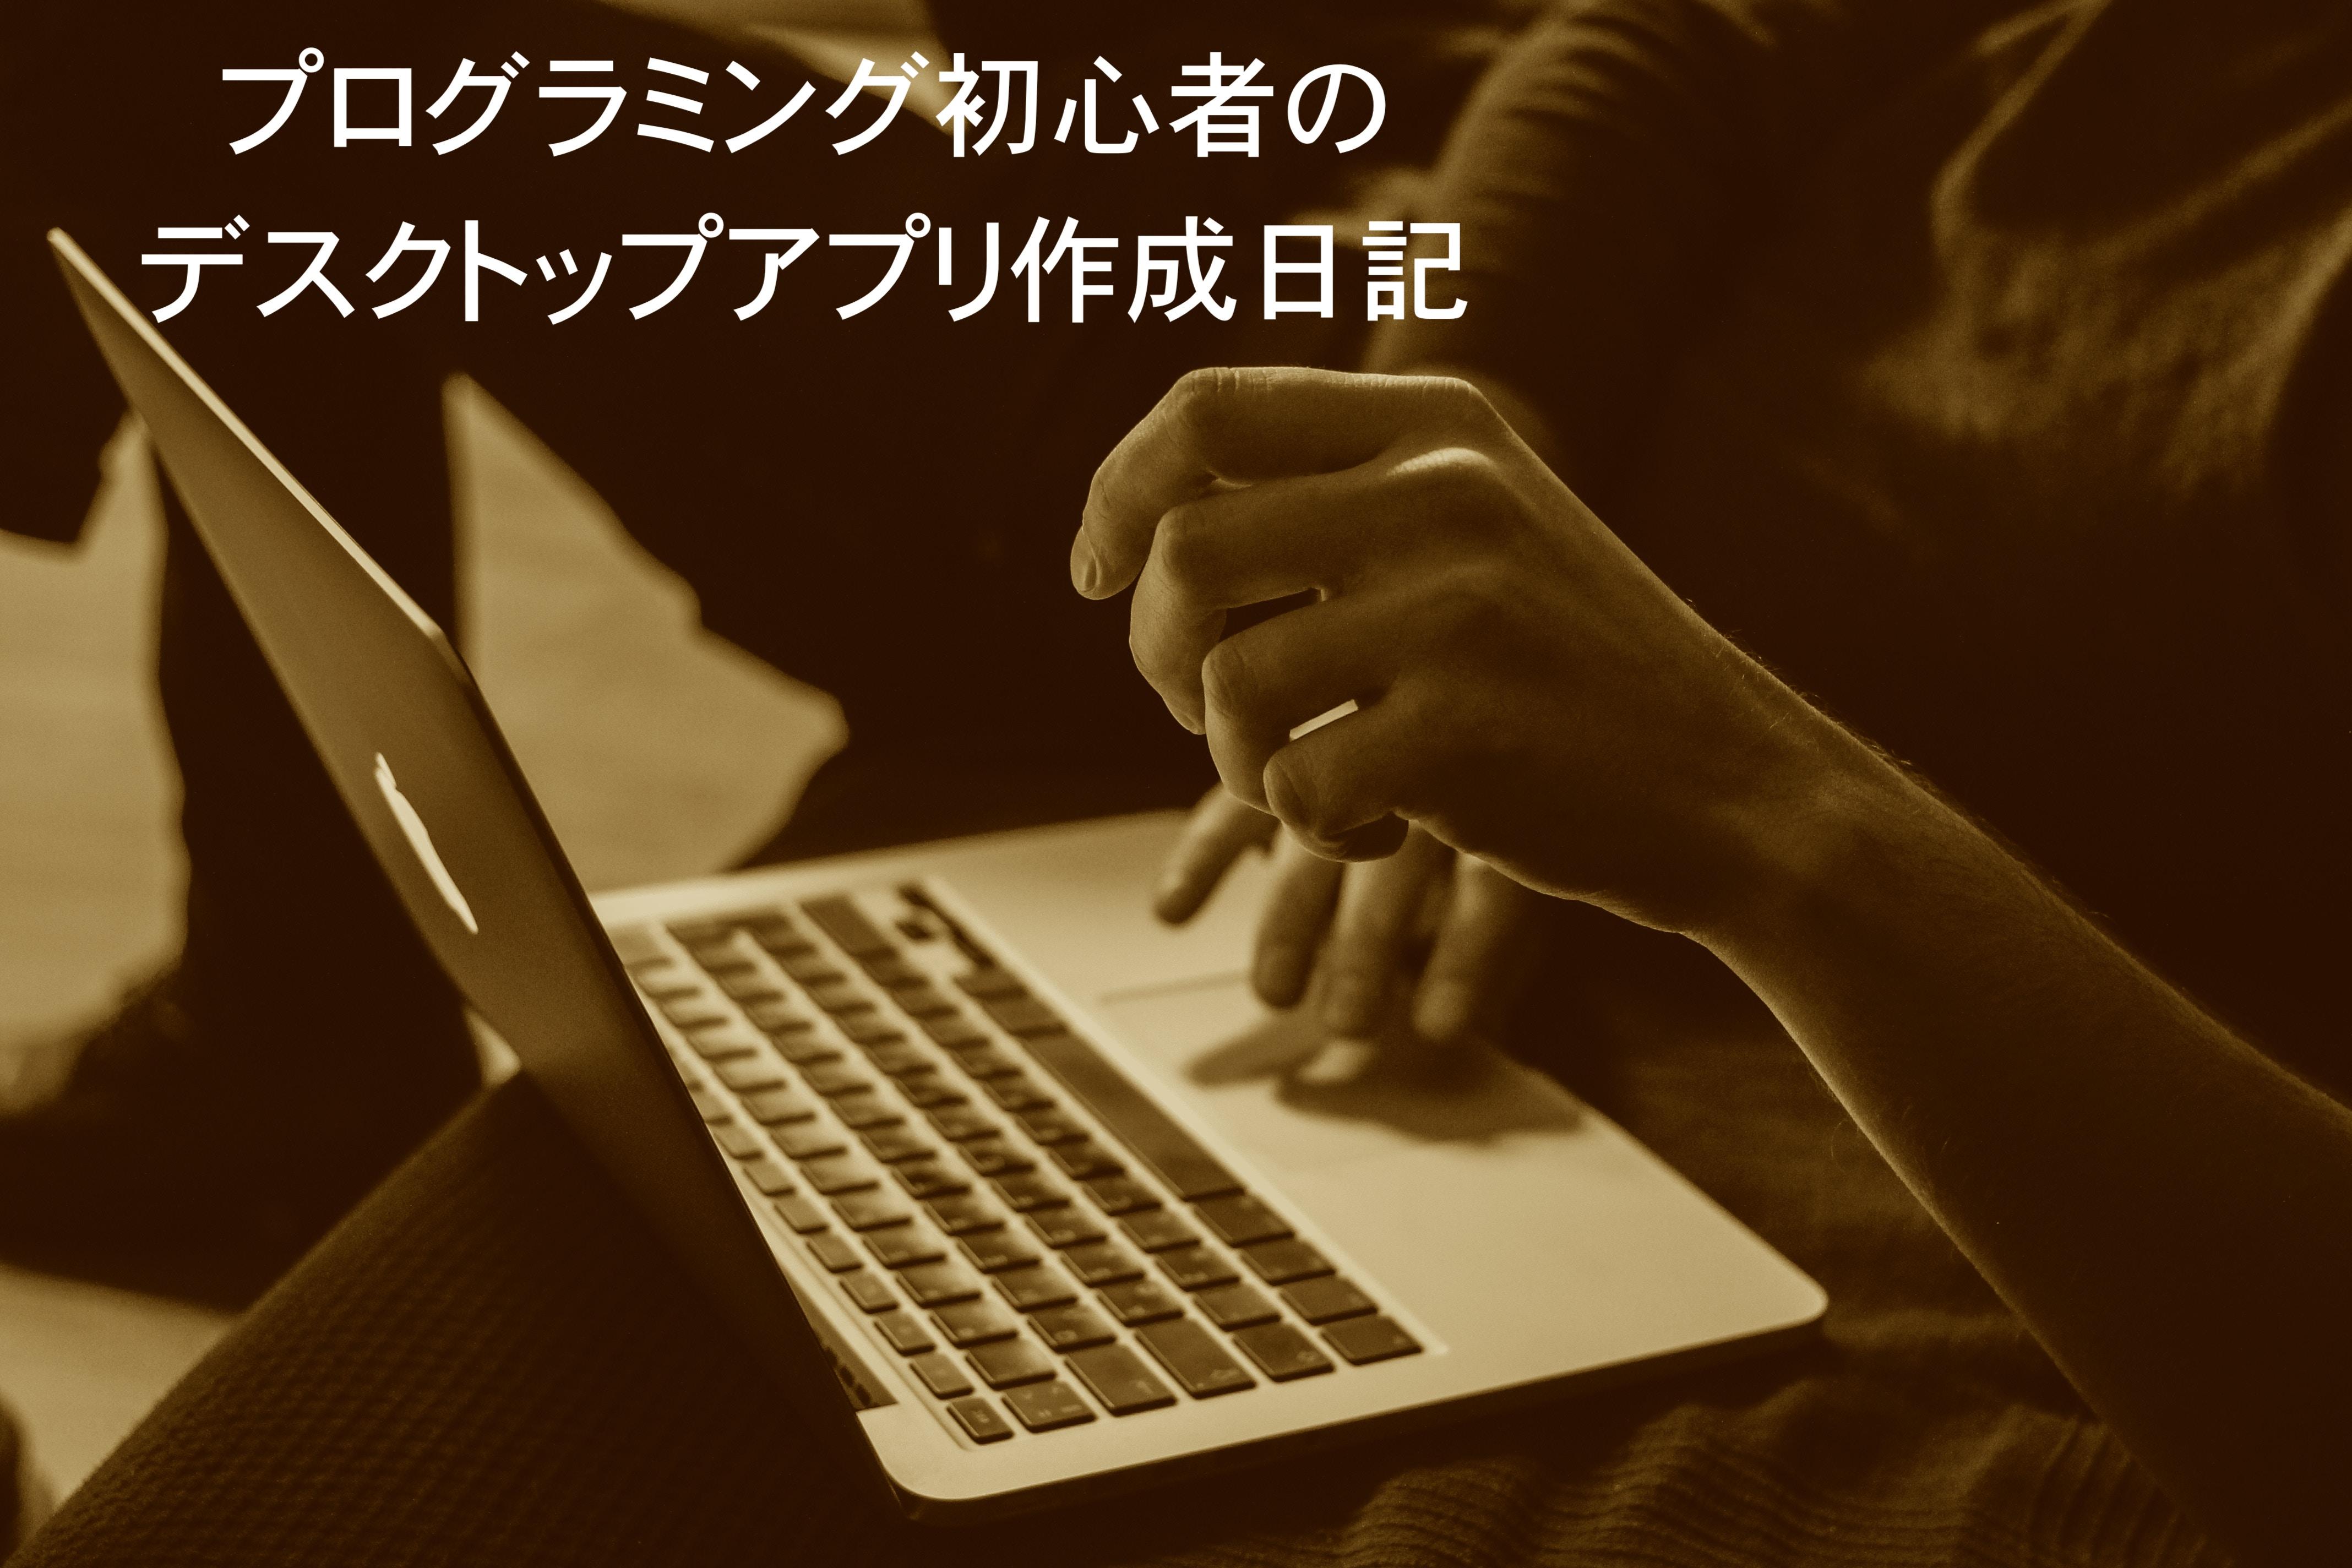 [デスクトップアプリ]Tkinterを使ったGUI開発勉強4日目